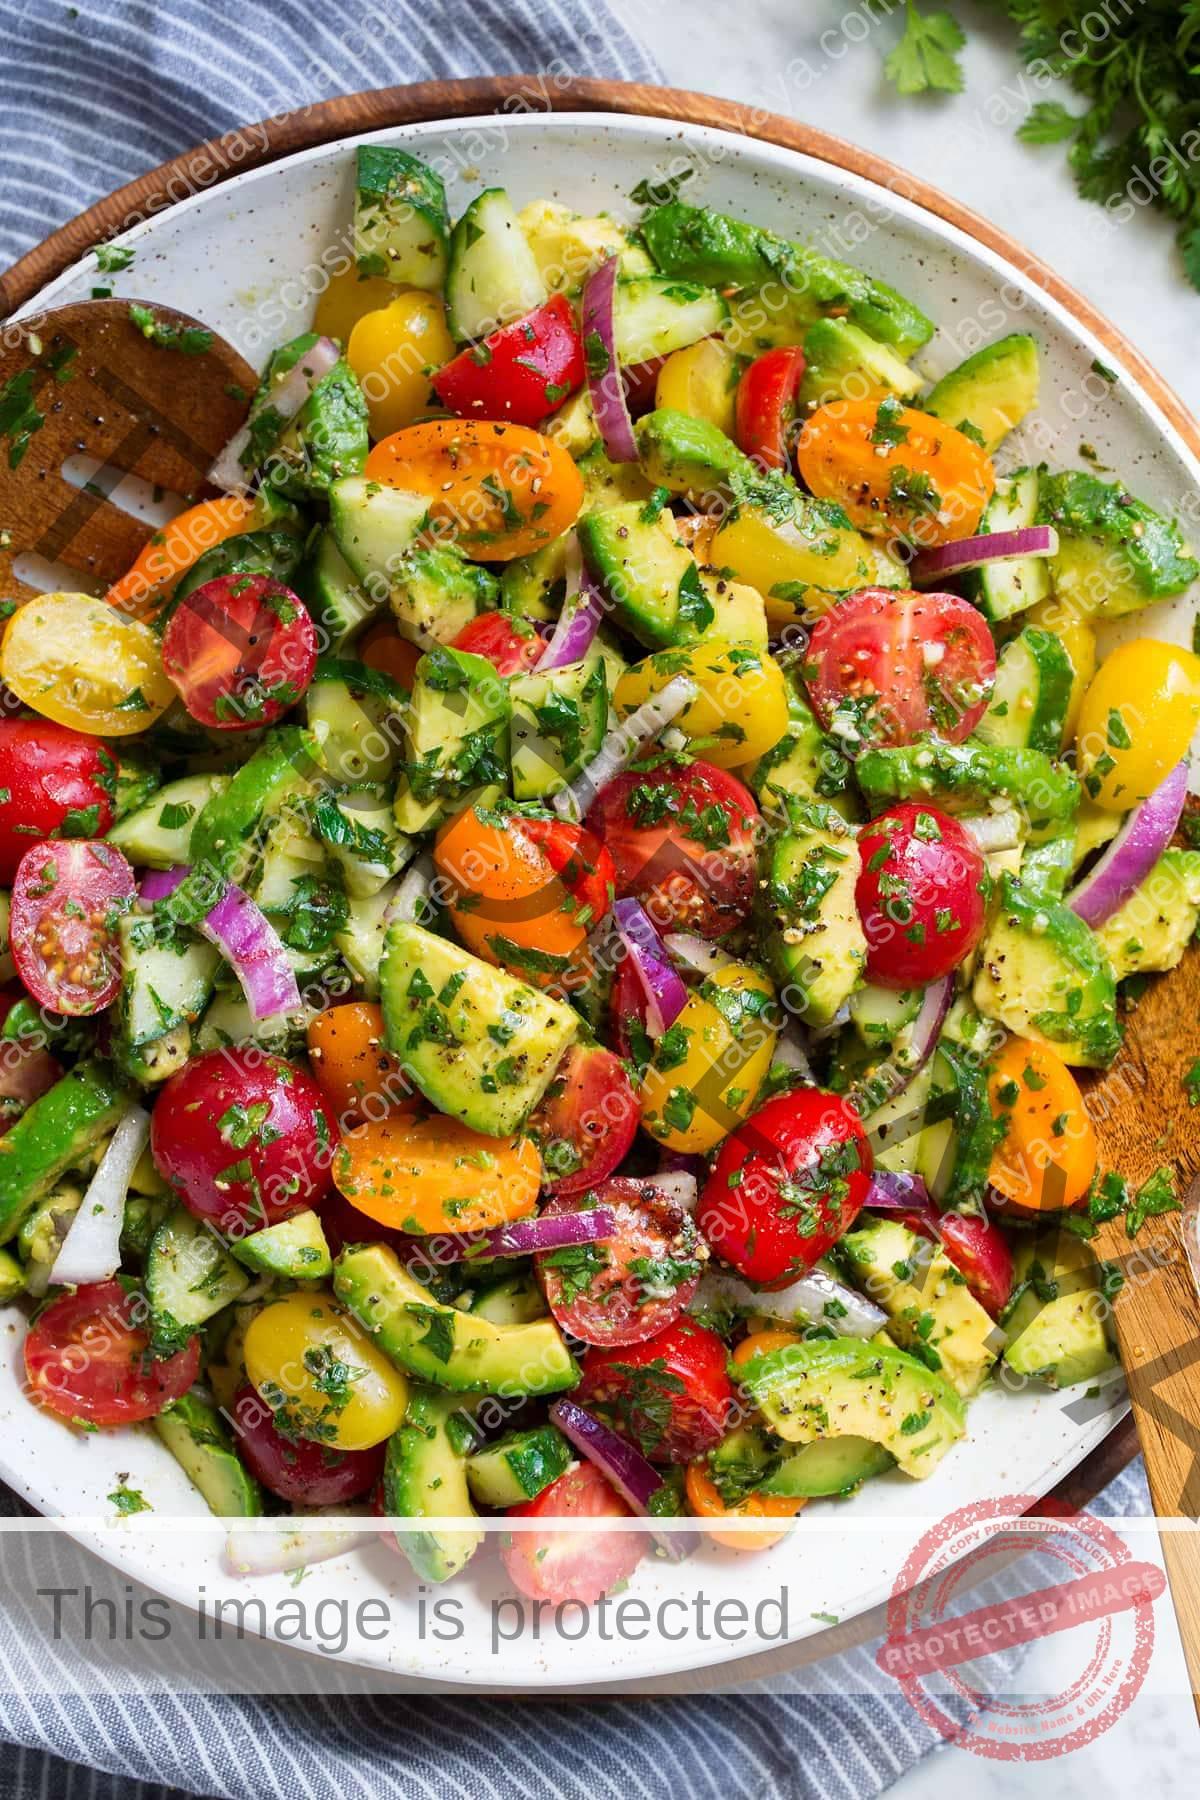 Ensalada de aguacate con aguacate fresco, tomates uva, cebolla morada, pepino y hierbas frescas en un bol.